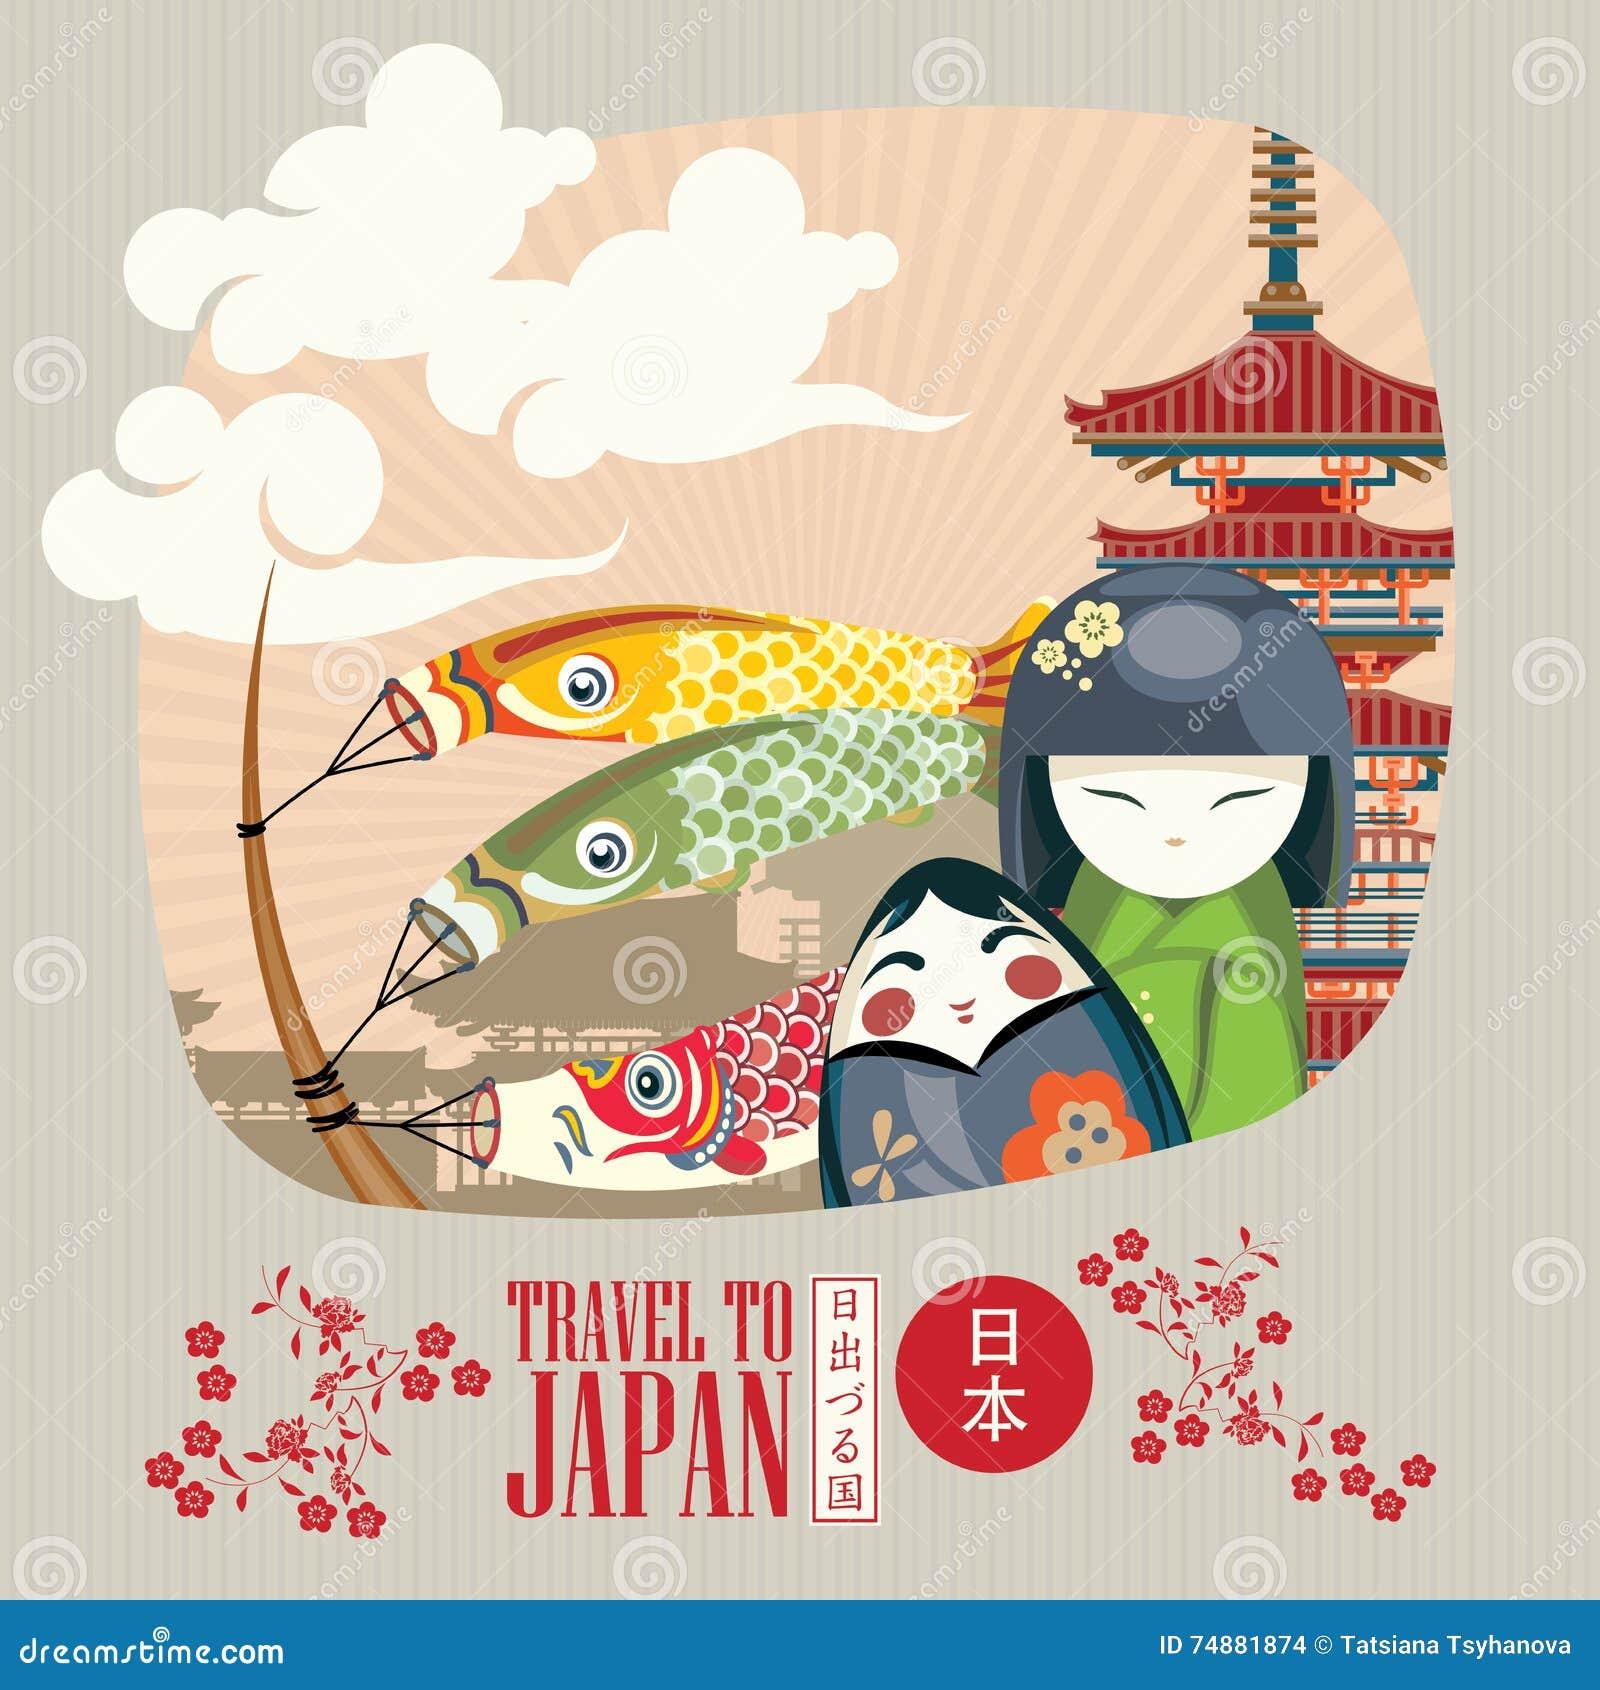 Cartaz do curso de Japão com símbolos tradicionais asiáticos - viaje a Japão